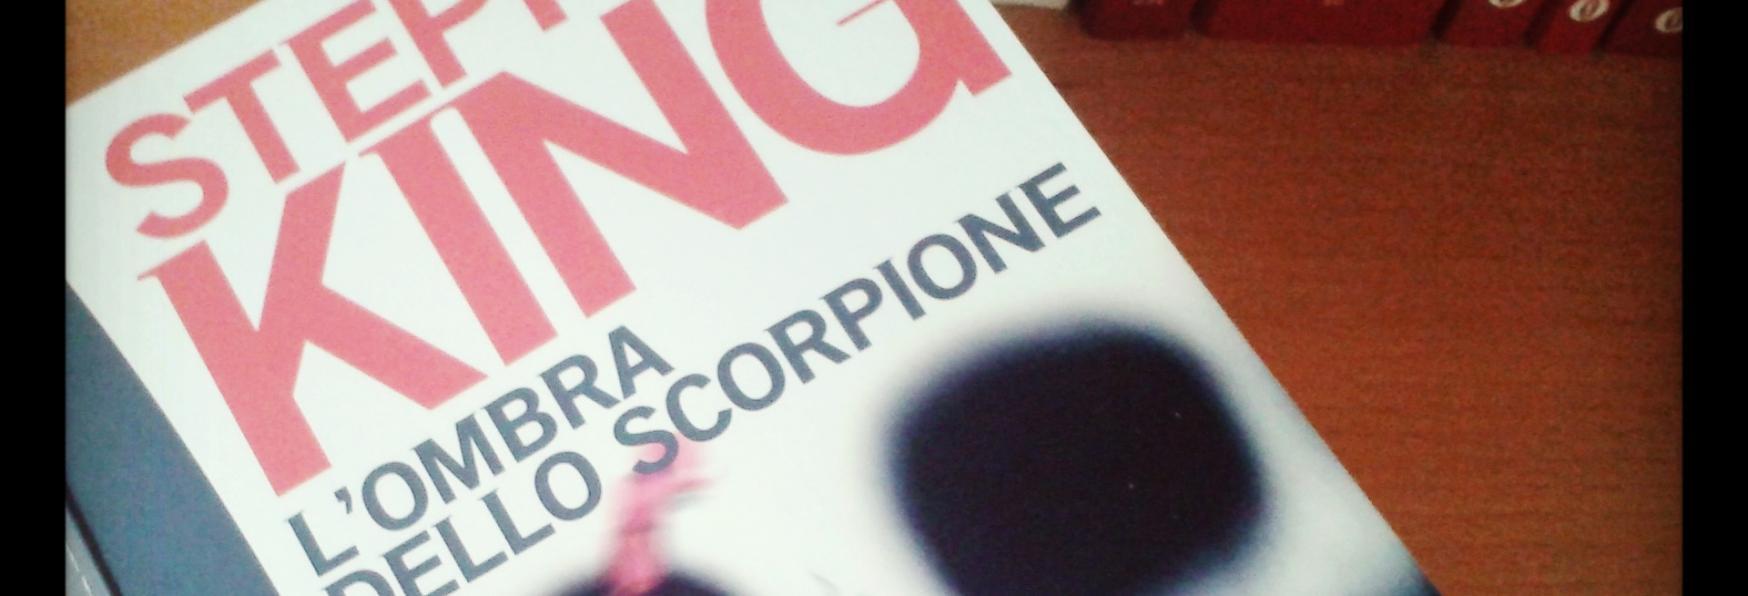 The Stand: è Ufficialmente Iniziata la Produzione della Serie TV su L'Ombra dello Scorpione